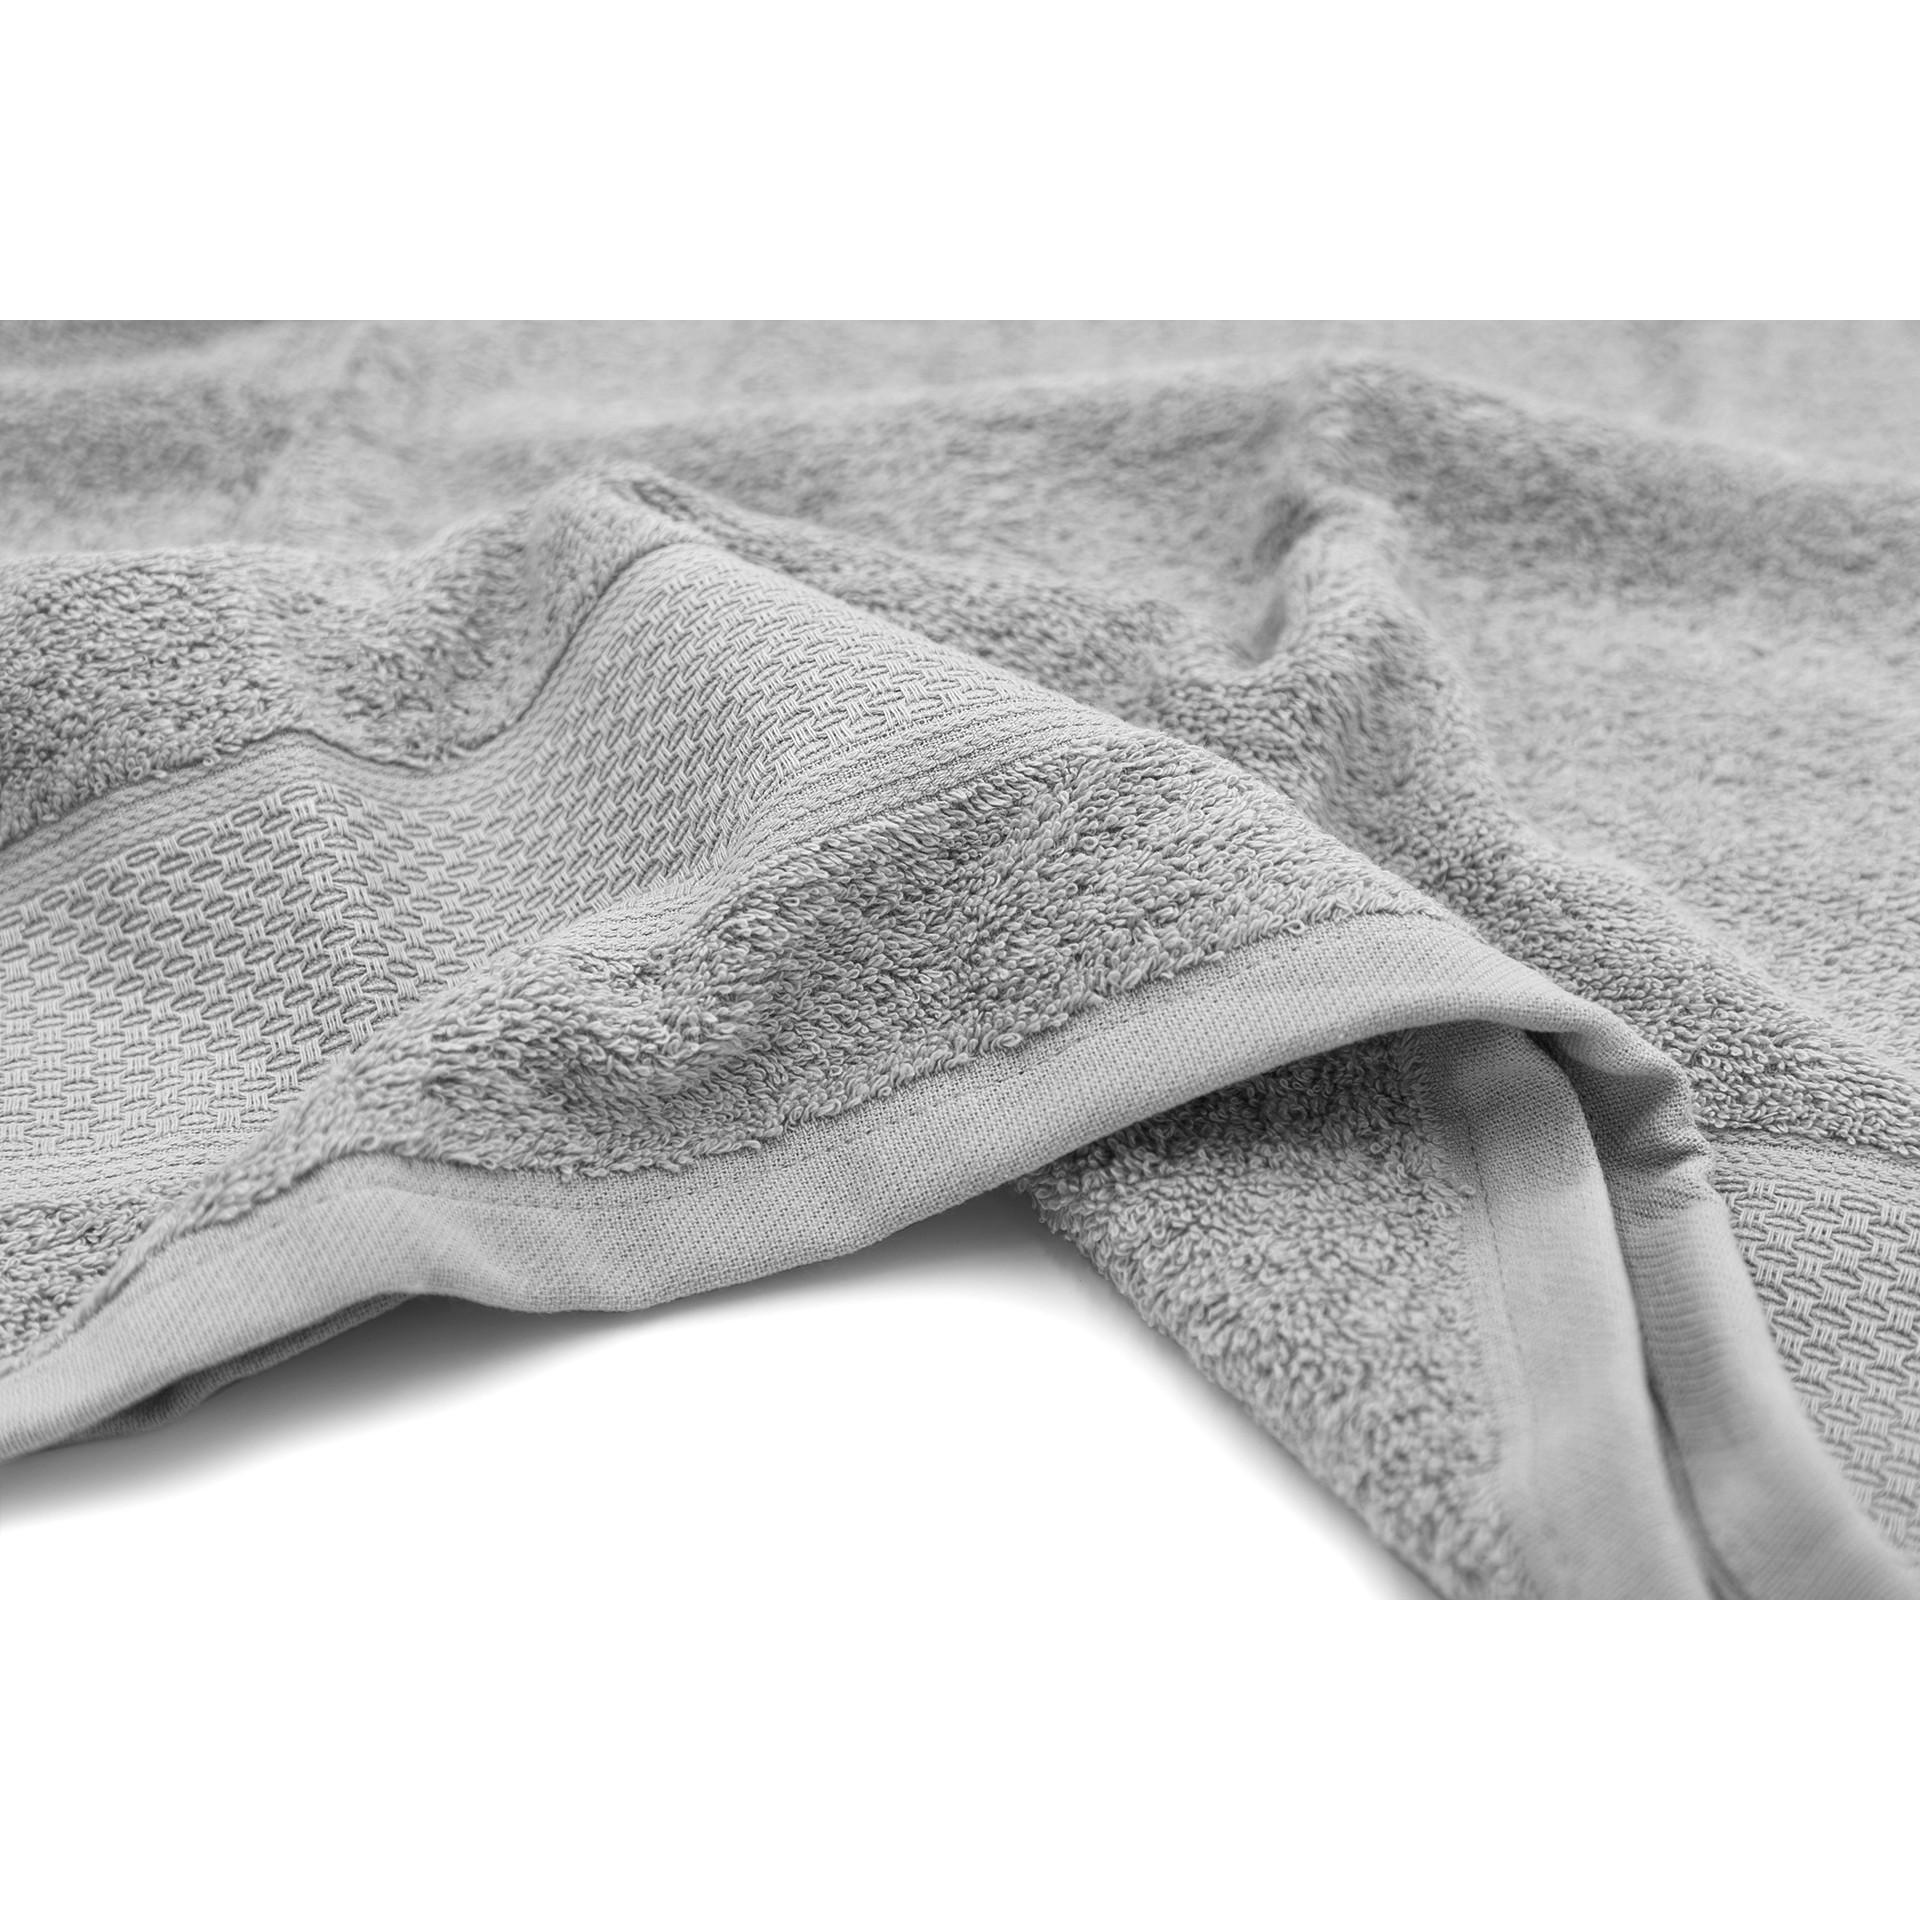 Serviette de bain James | Gris argenté | Lot de 3